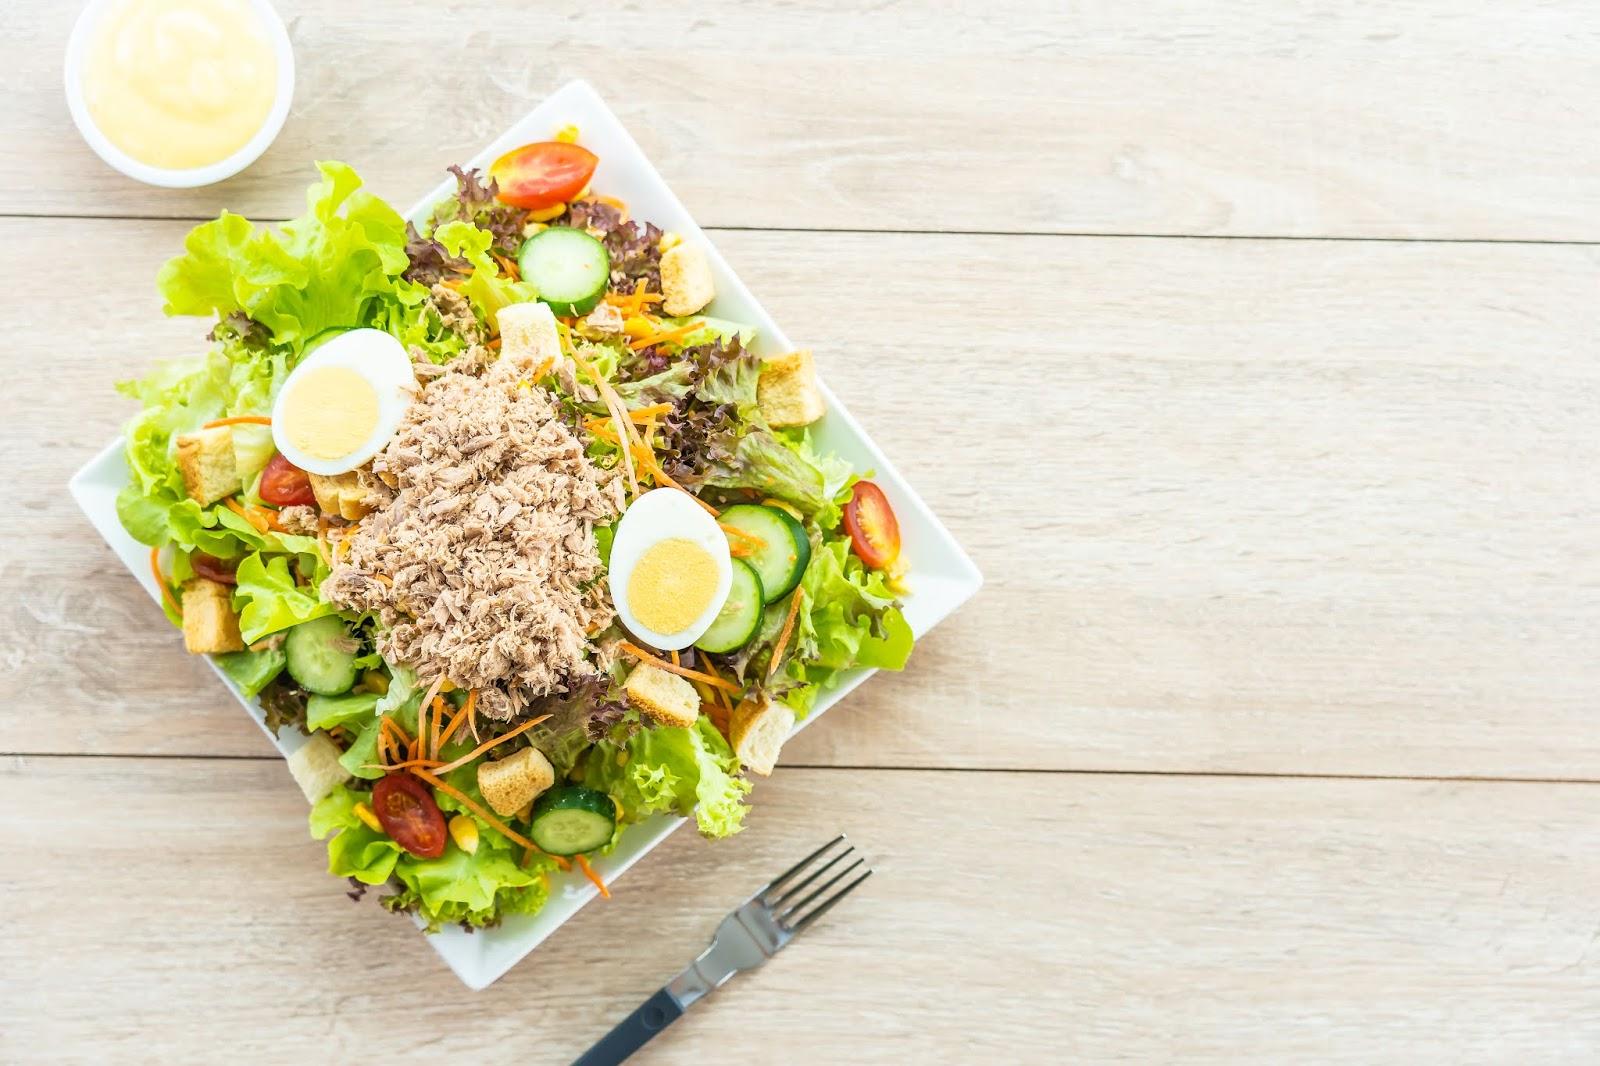 Dieta%2BAs%2BMelhores%2BDicas%2Bpara%2BPermanecer%2BFirme%2521 - Dieta: As Melhores Dicas para Permanecer Firme!